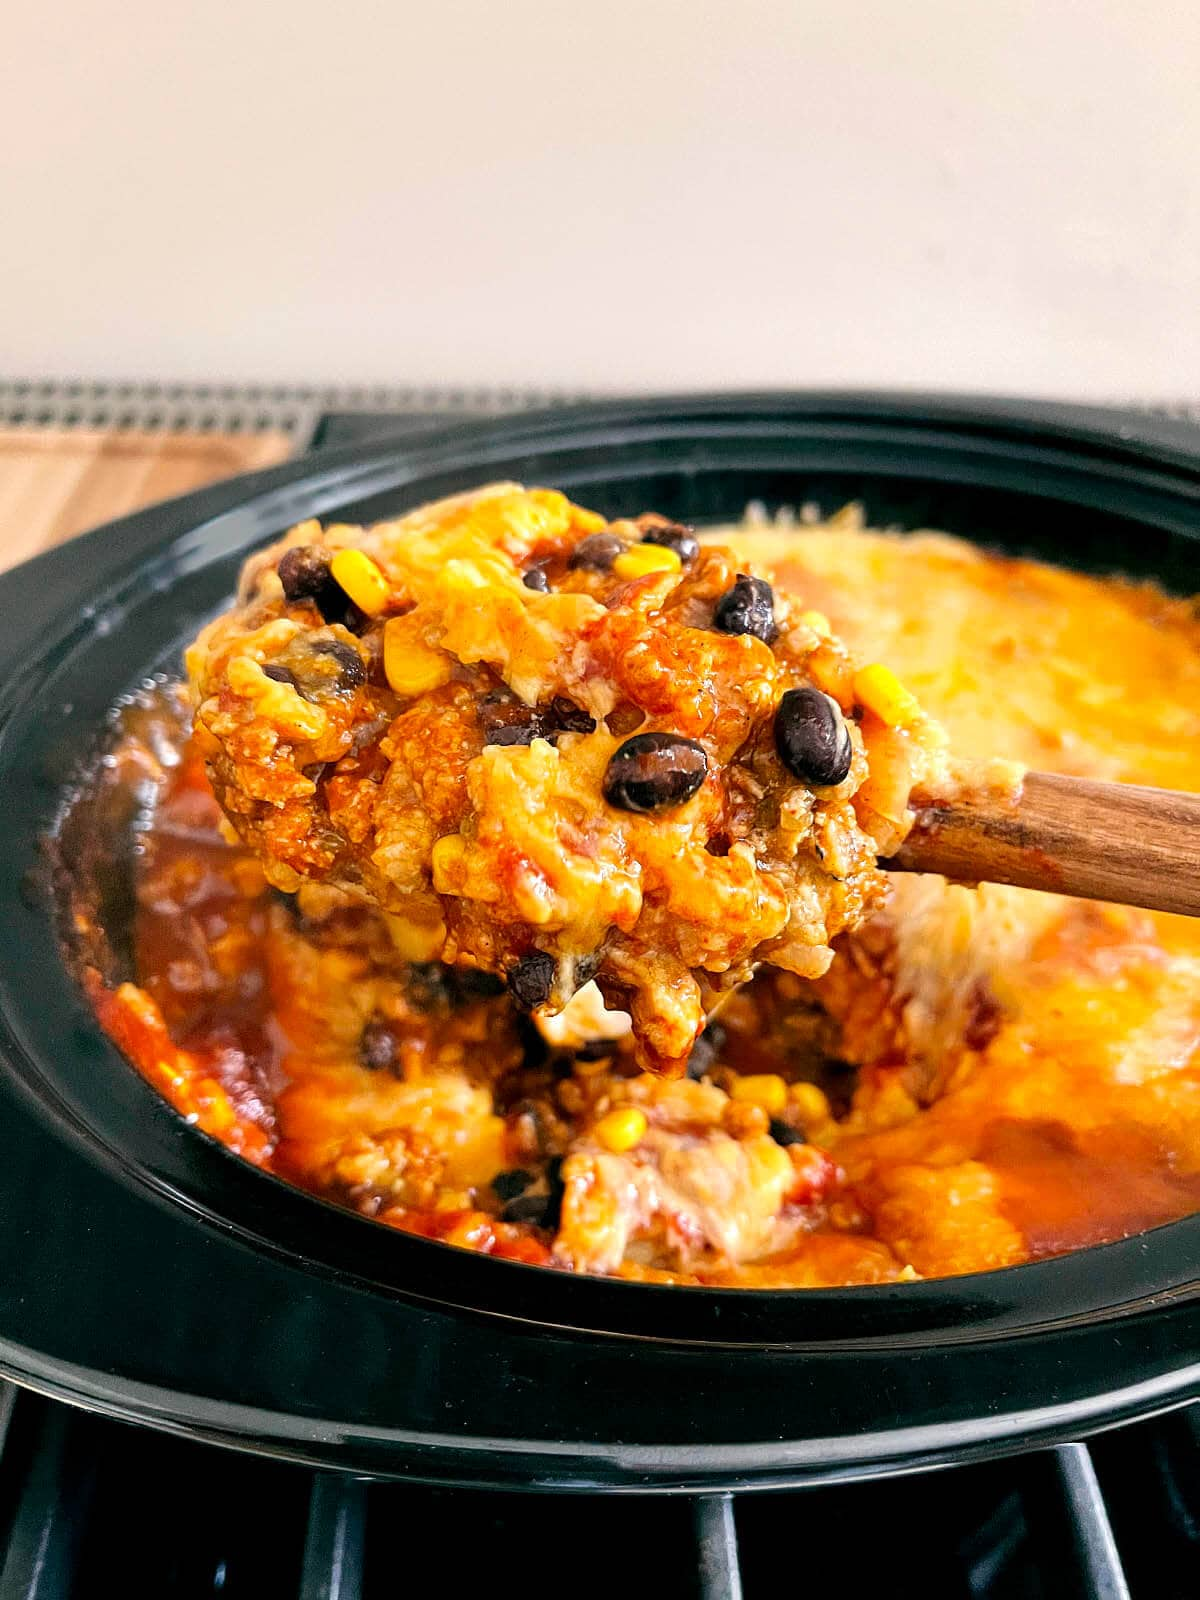 Enchilada Casserole with spoon in black crock